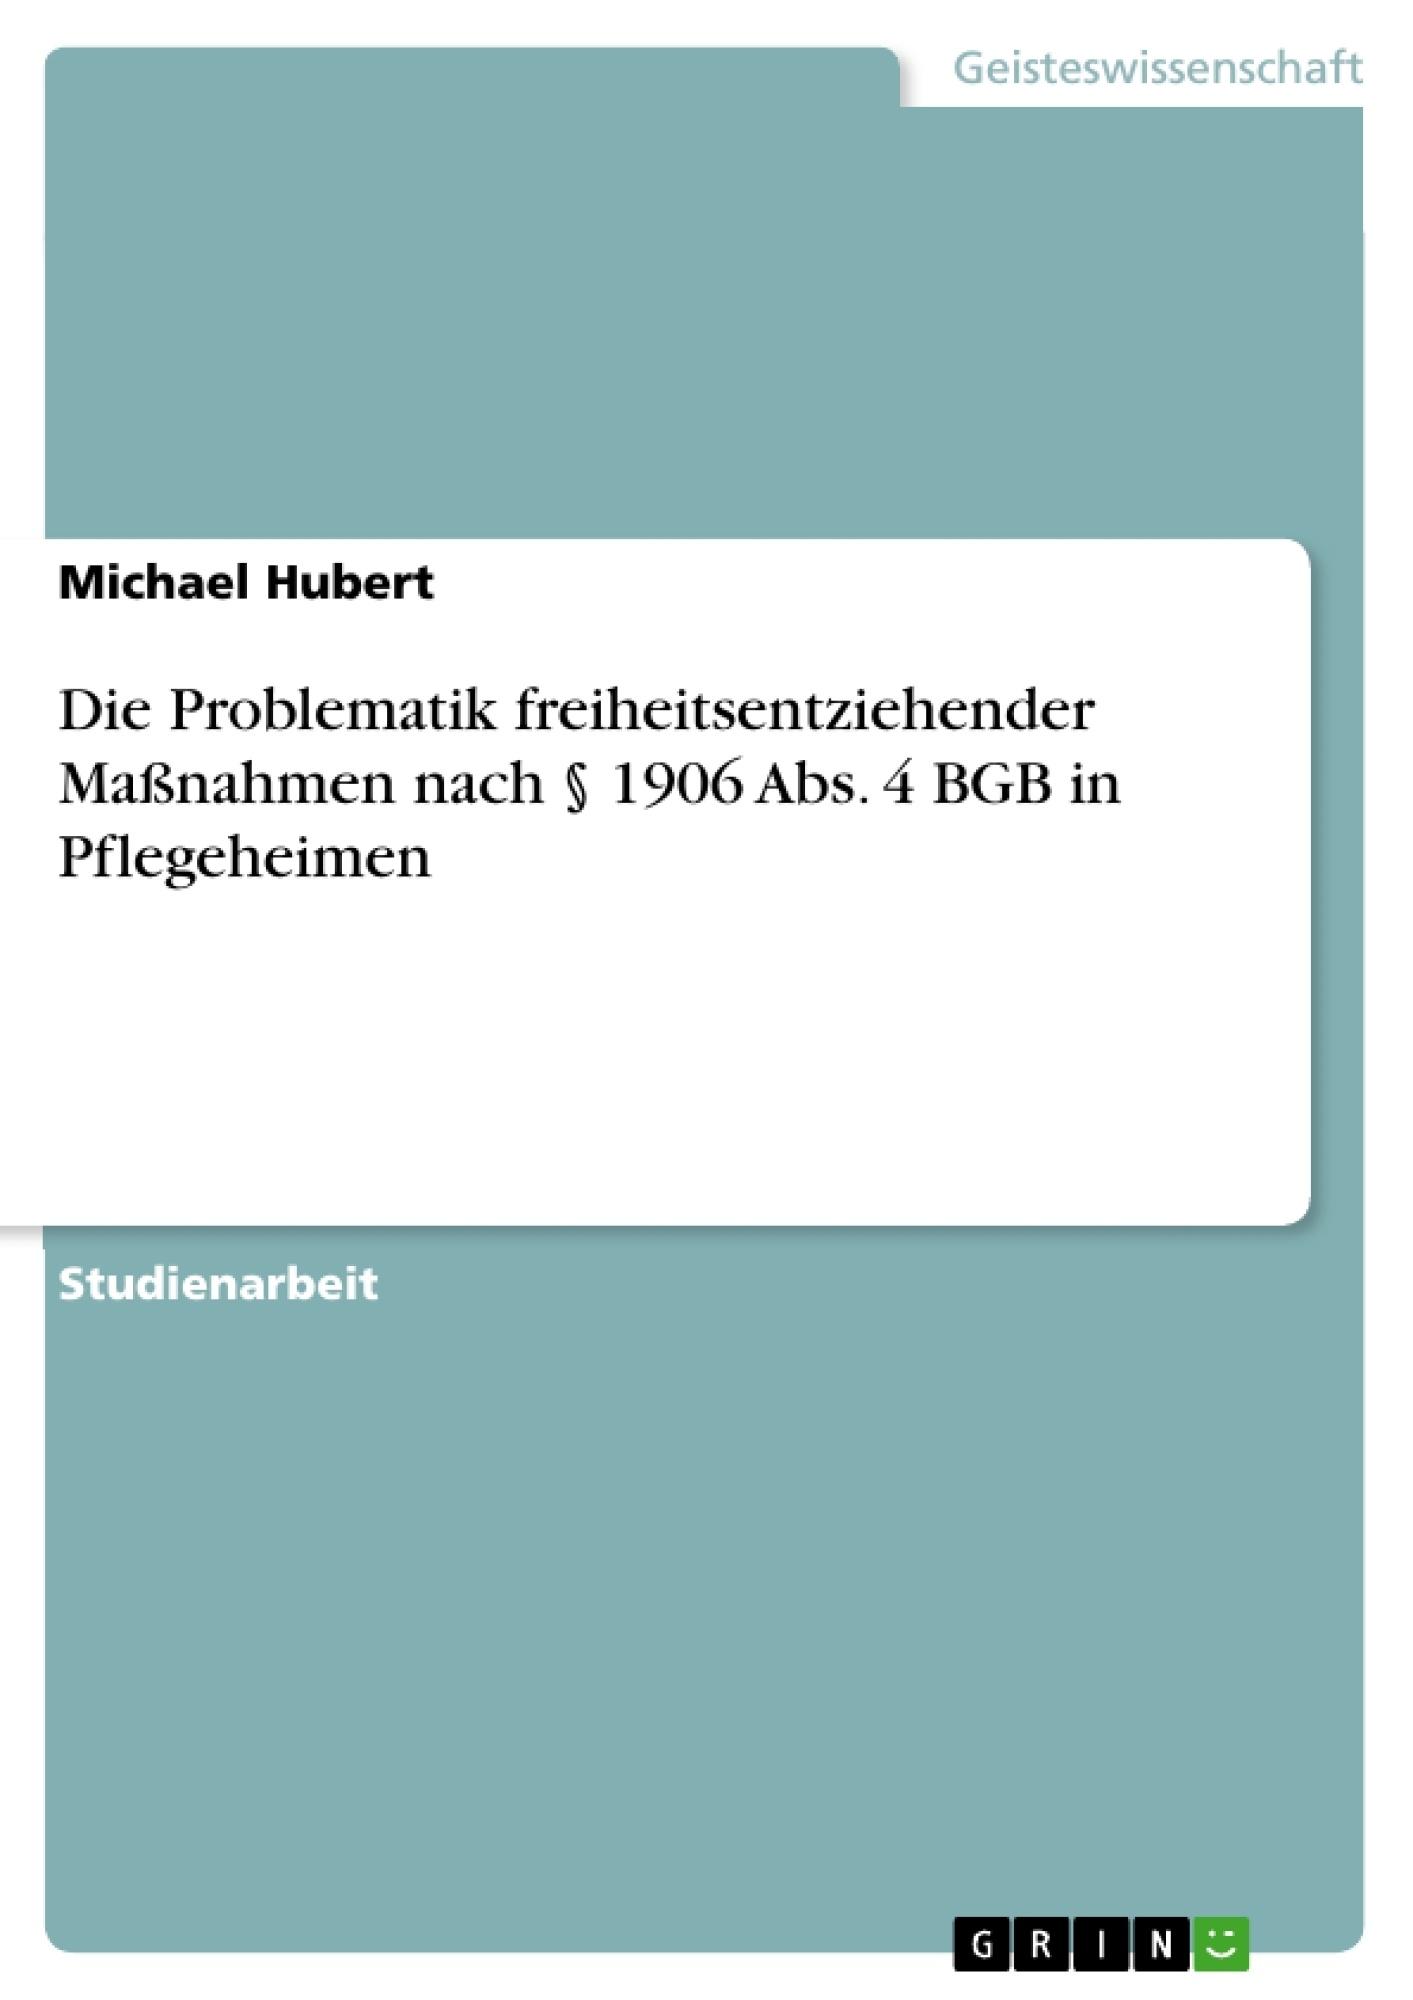 Titel: Die Problematik freiheitsentziehender Maßnahmen nach § 1906 Abs. 4 BGB in Pflegeheimen